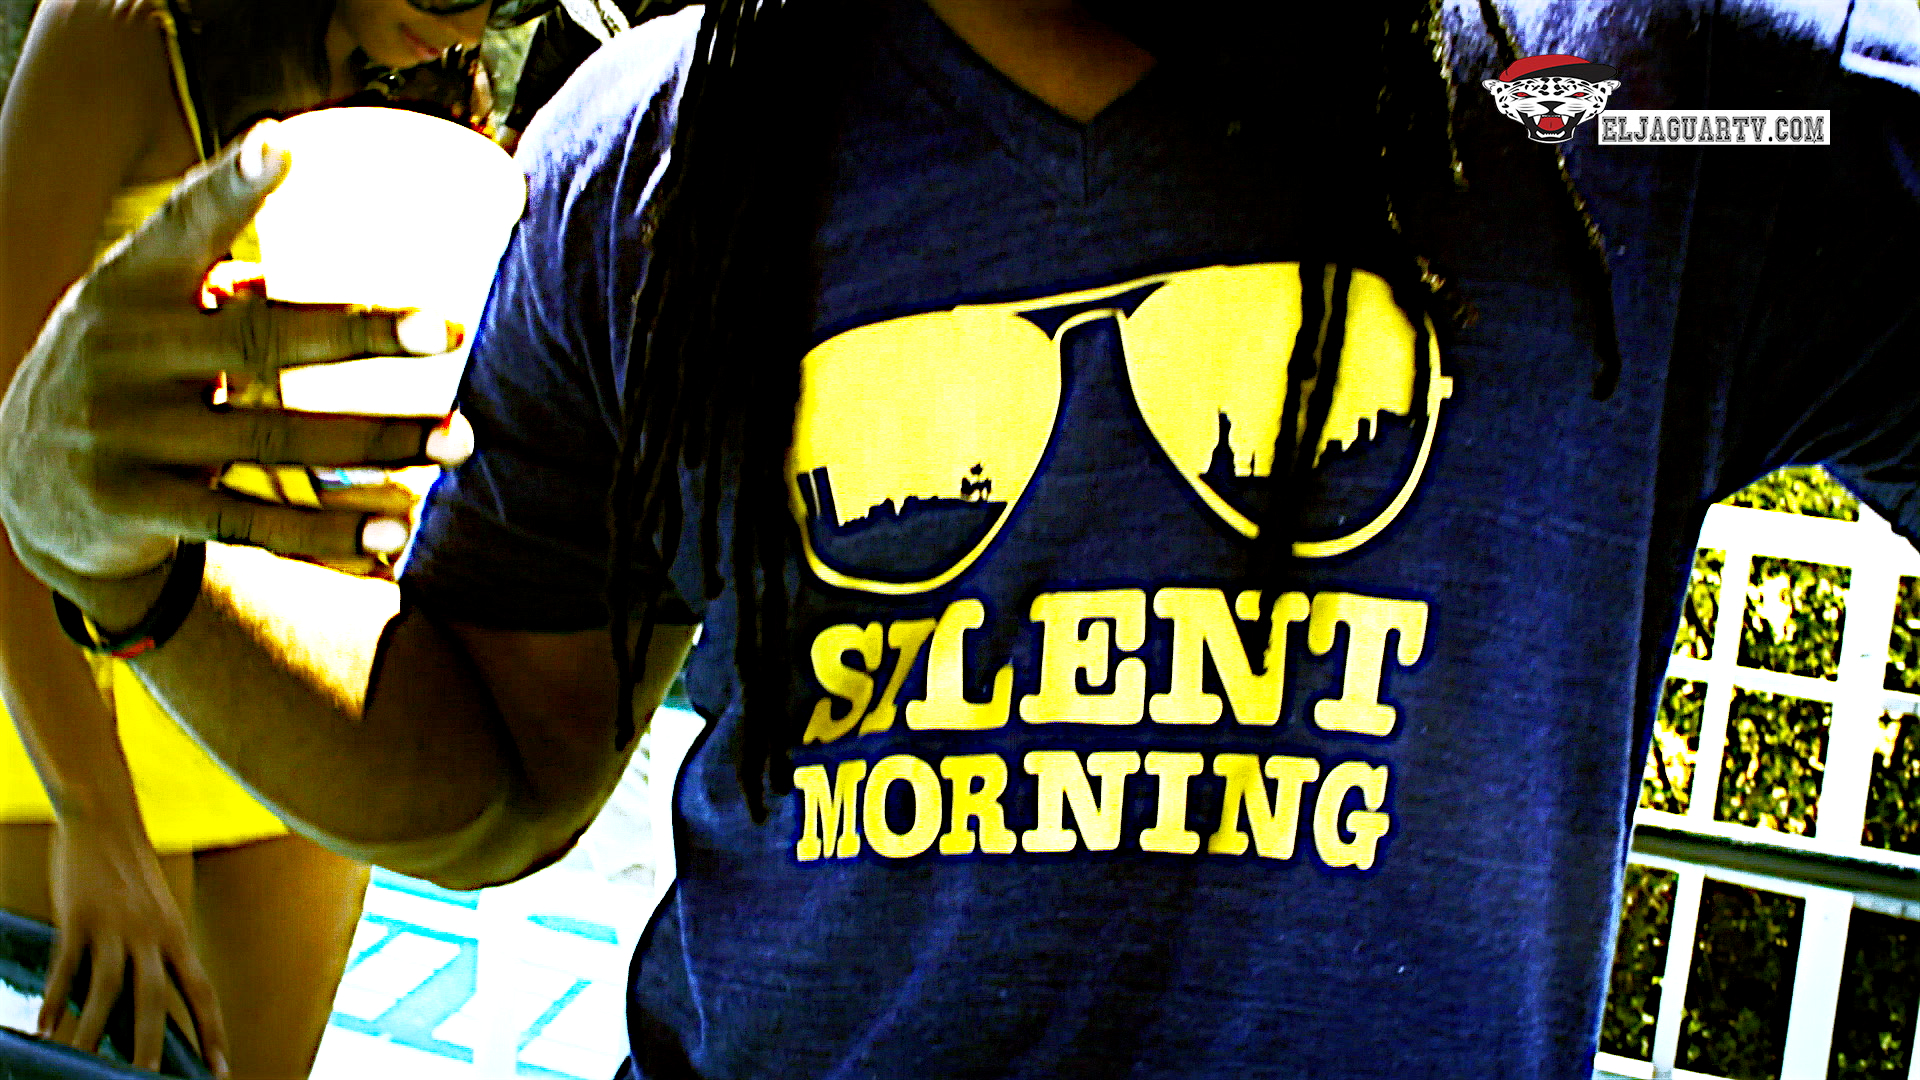 El jaguar tv Silent morning tnt 2015